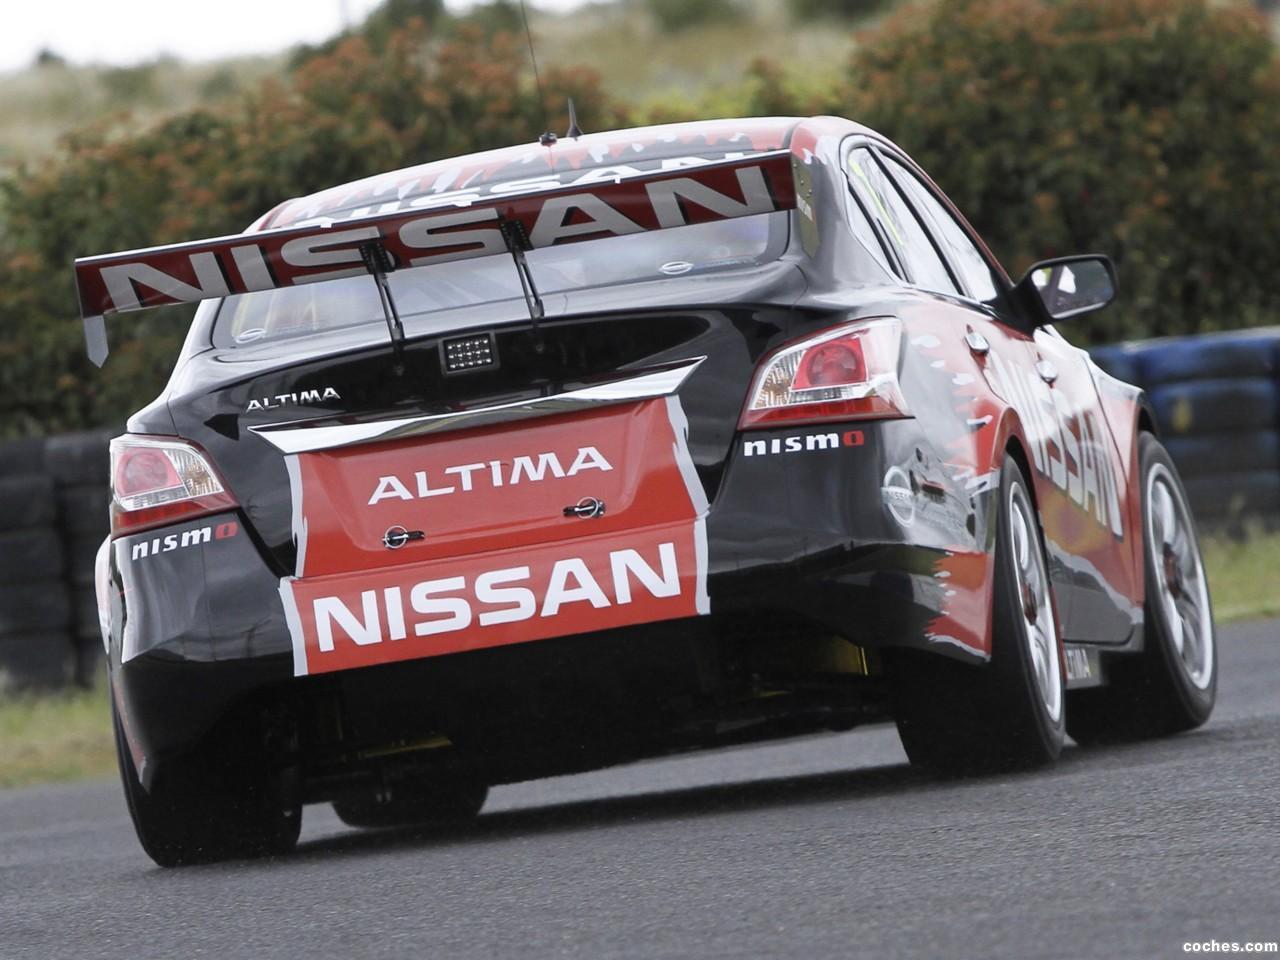 Foto 8 de Nissan Altima V8 Supercar 2012